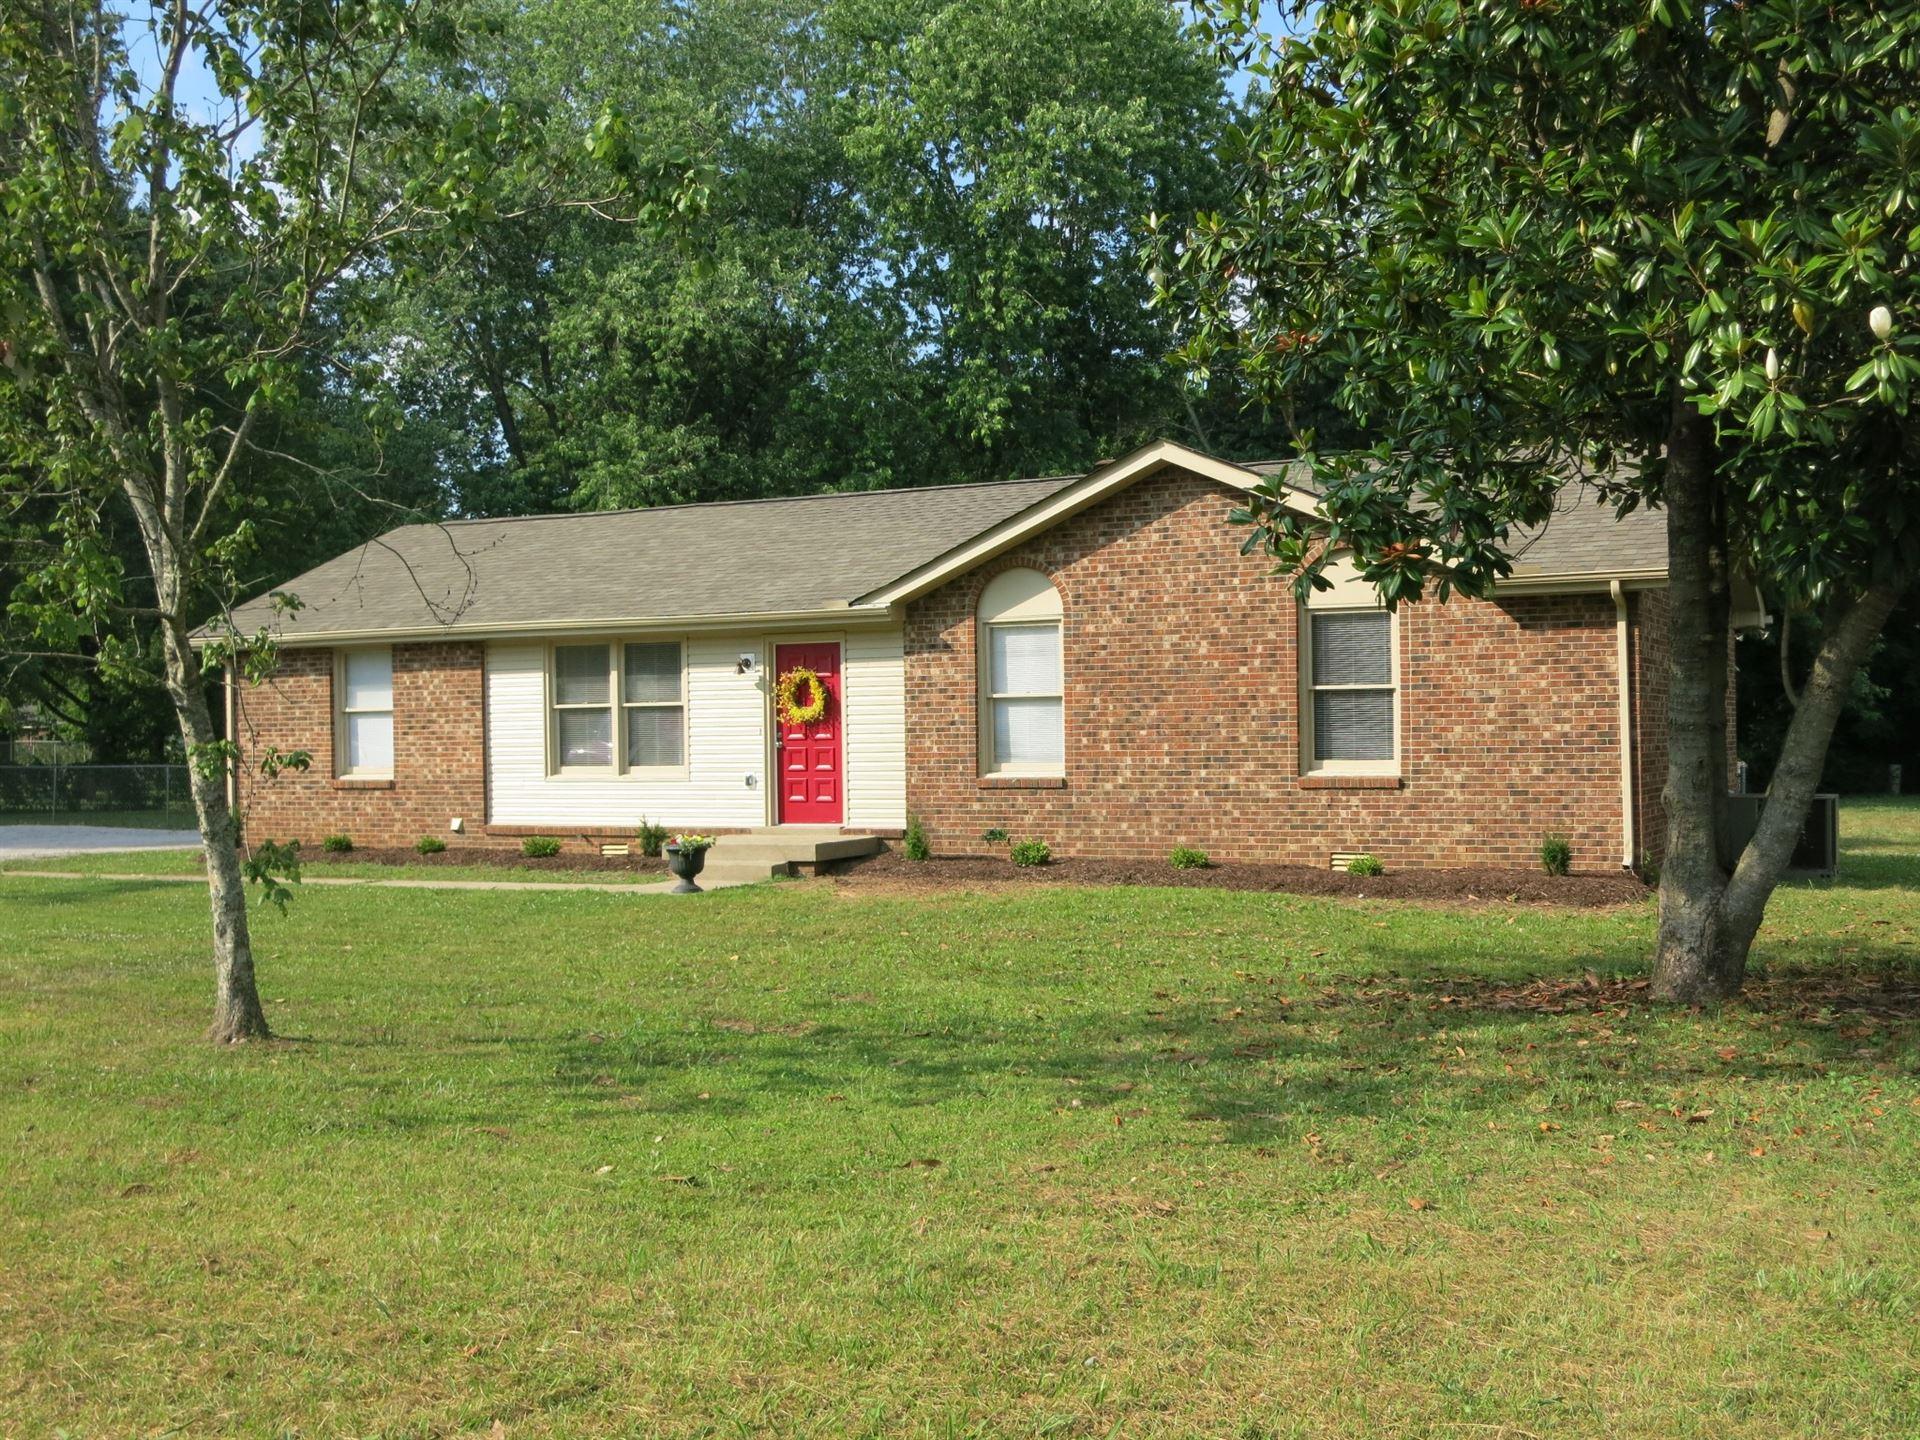 Photo of 6946 Old Nashville Hwy, Murfreesboro, TN 37129 (MLS # 2264477)